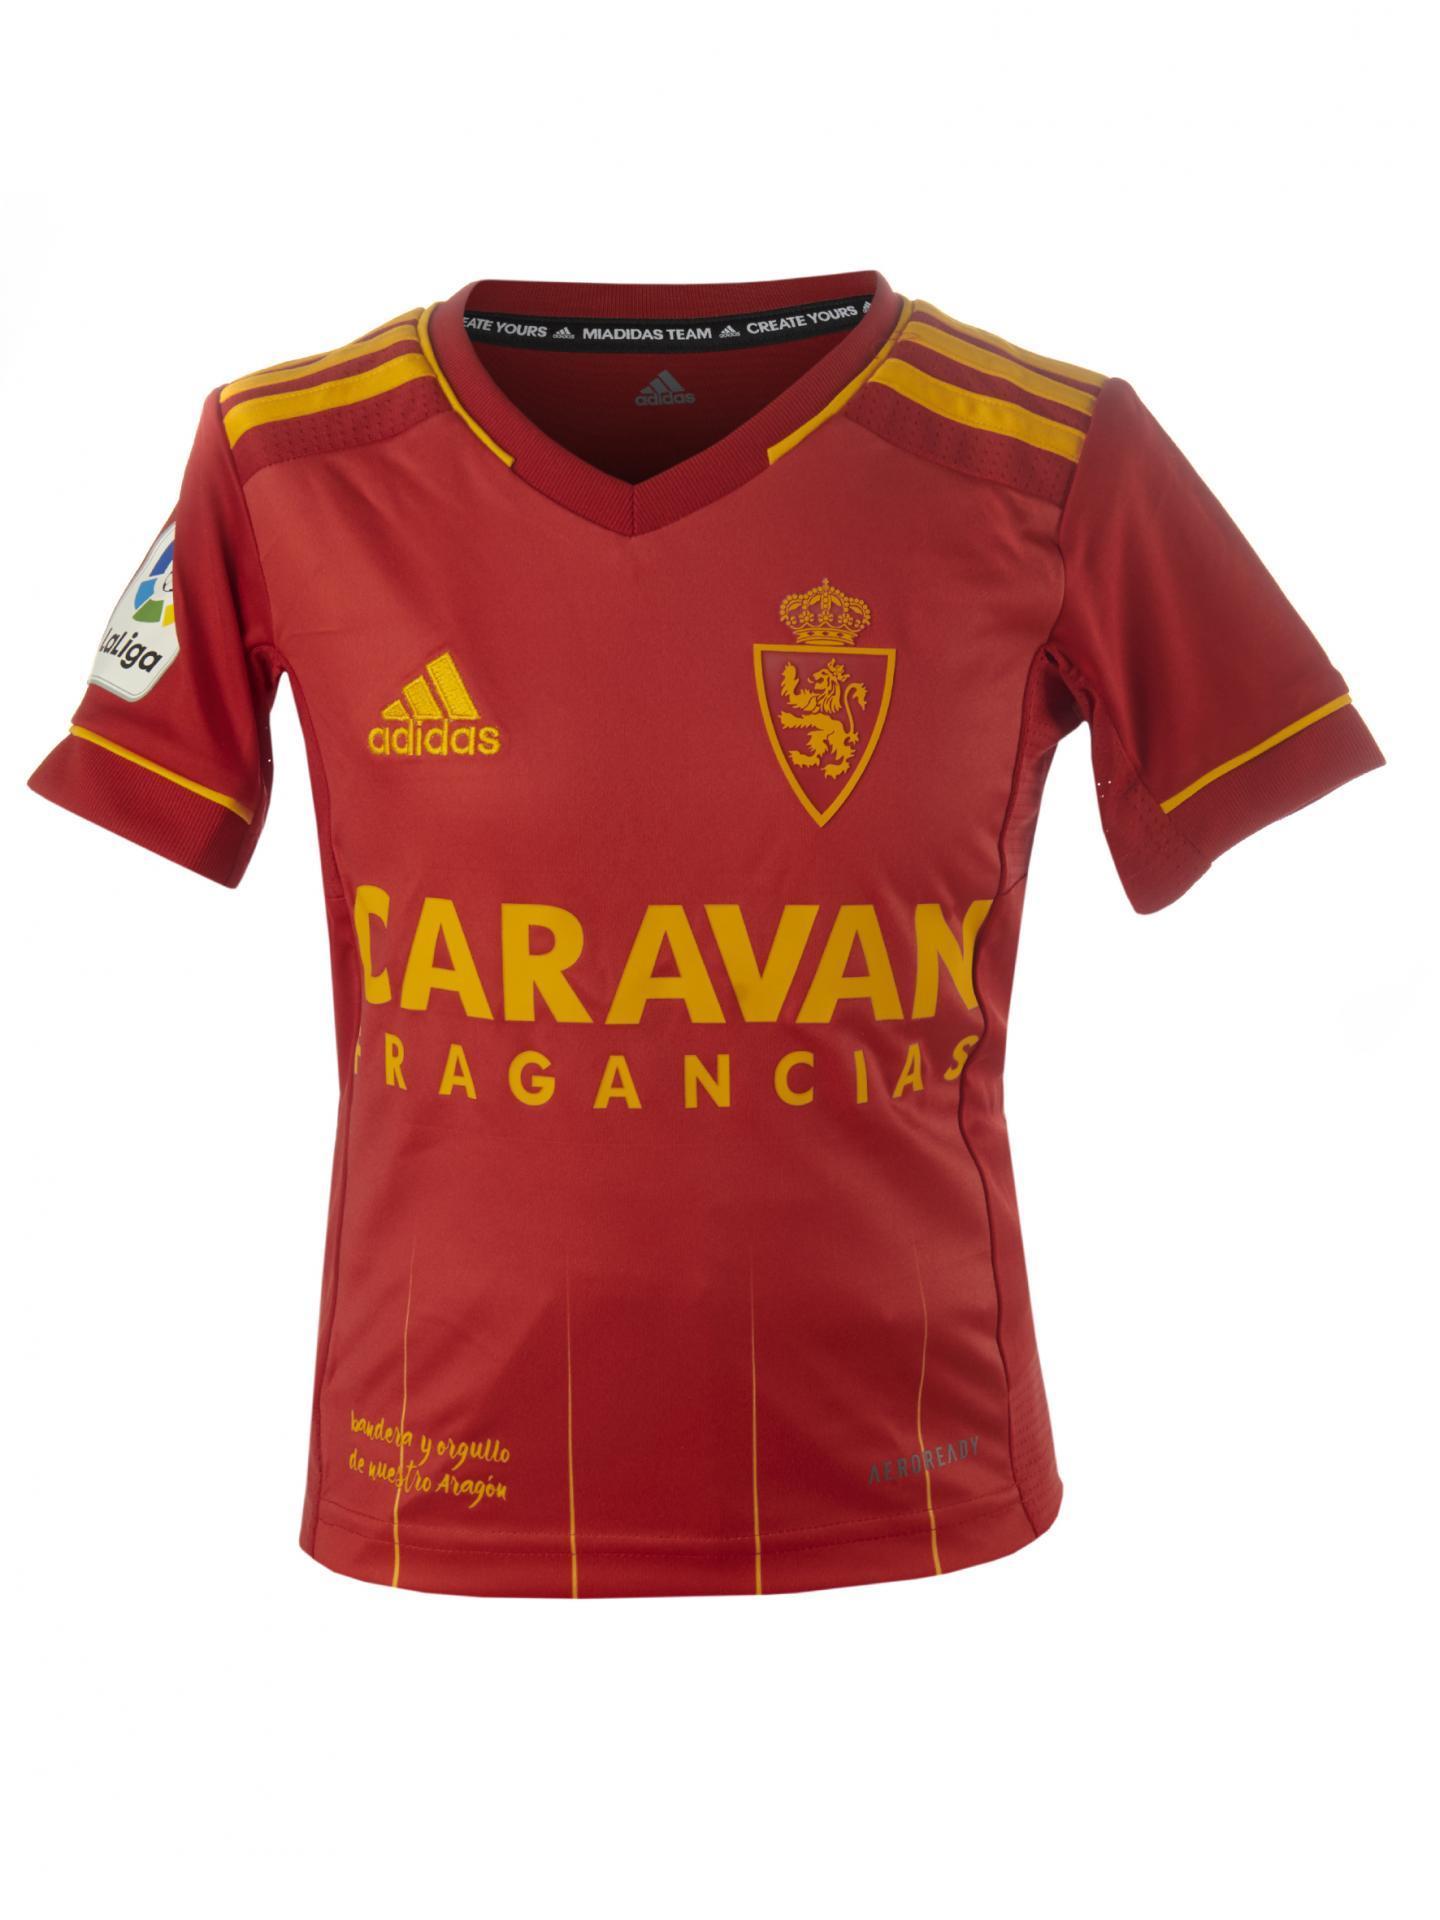 Camiseta infantil segunda equipación 2020-2021